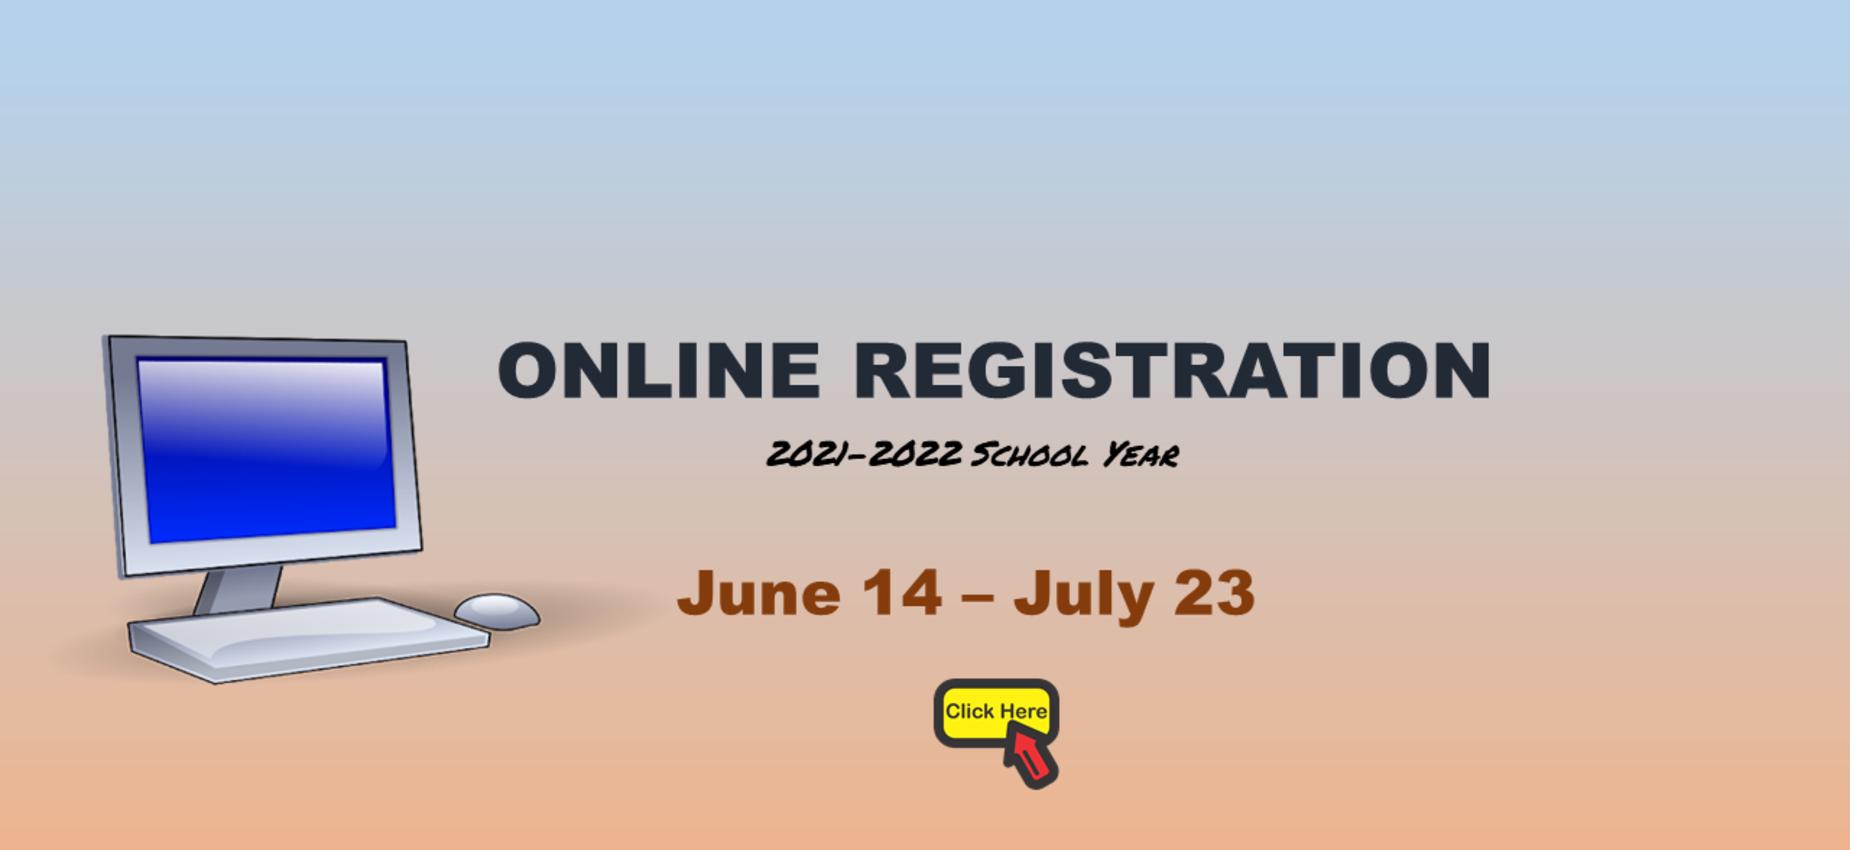 Online Registration Graphic